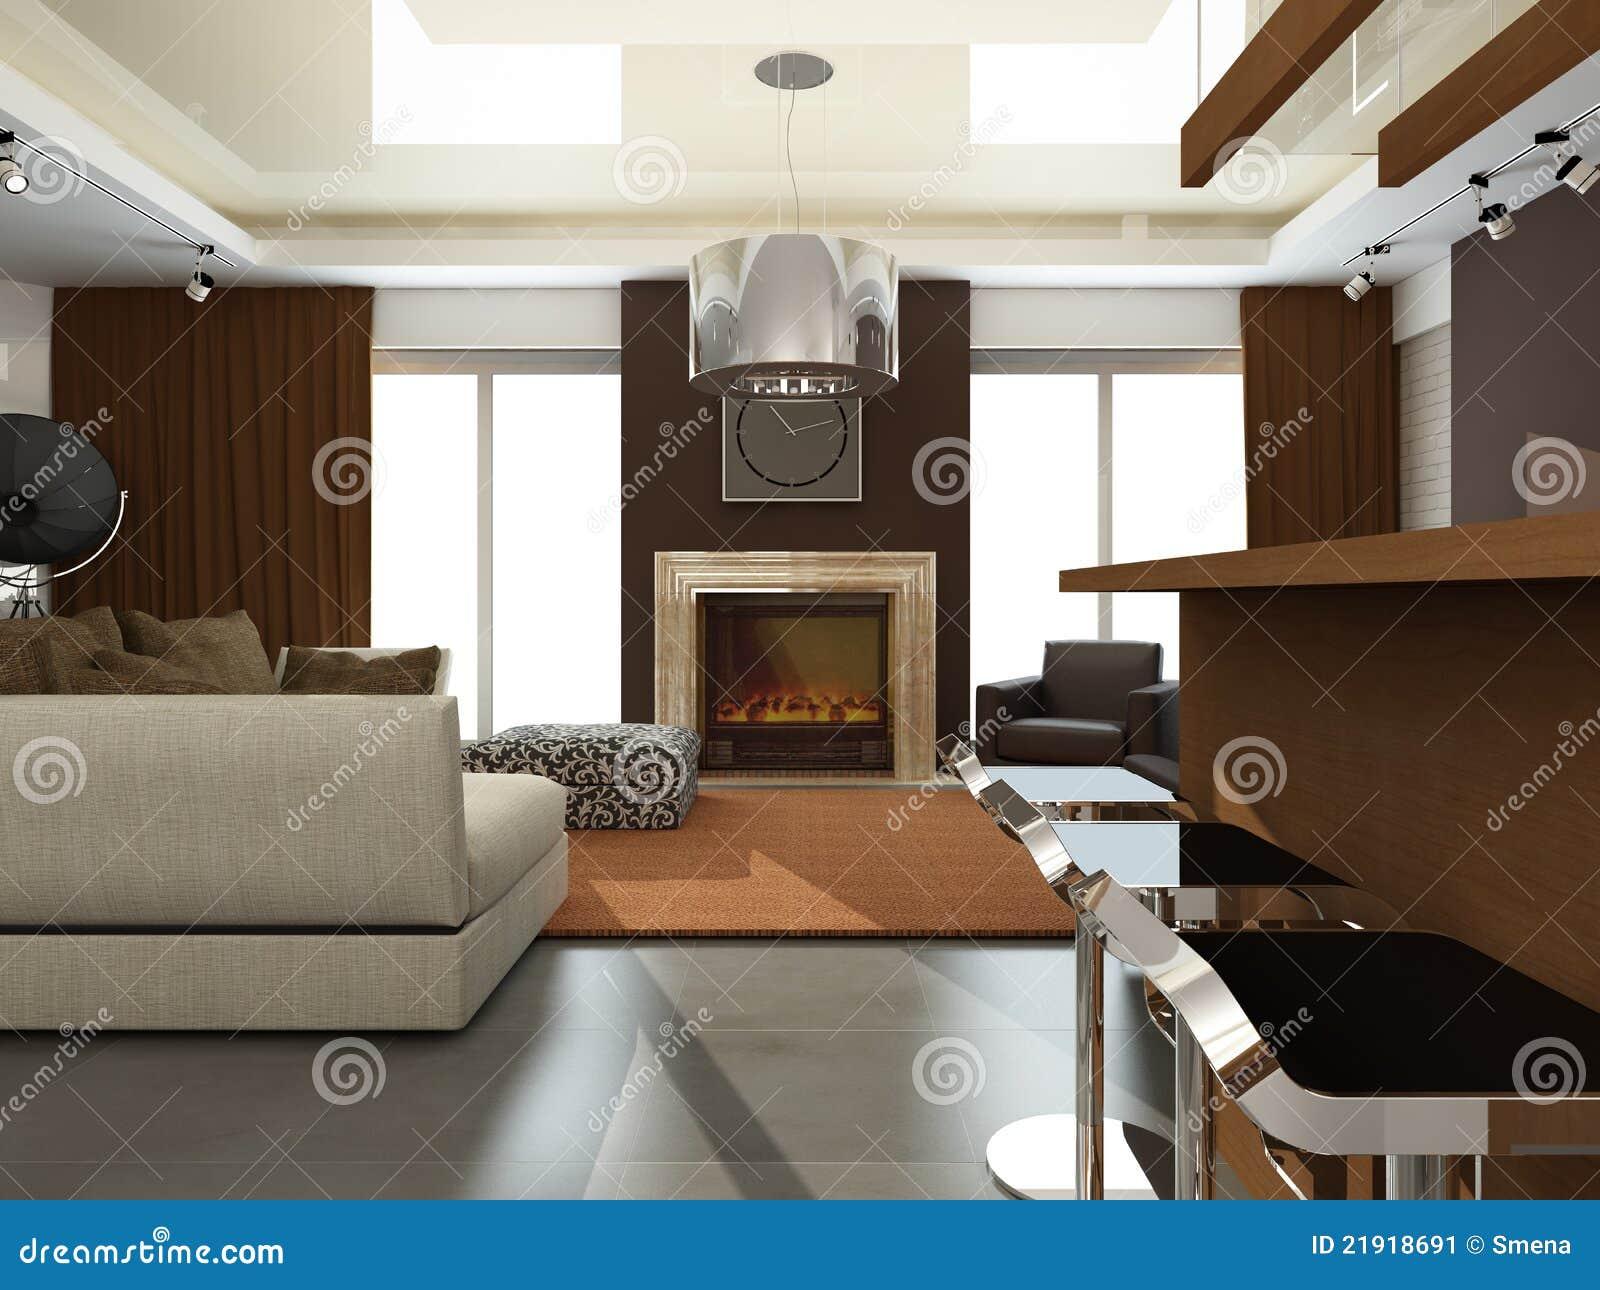 Int rieur de salle de s jour moderne image stock image for Salle de sejour moderne